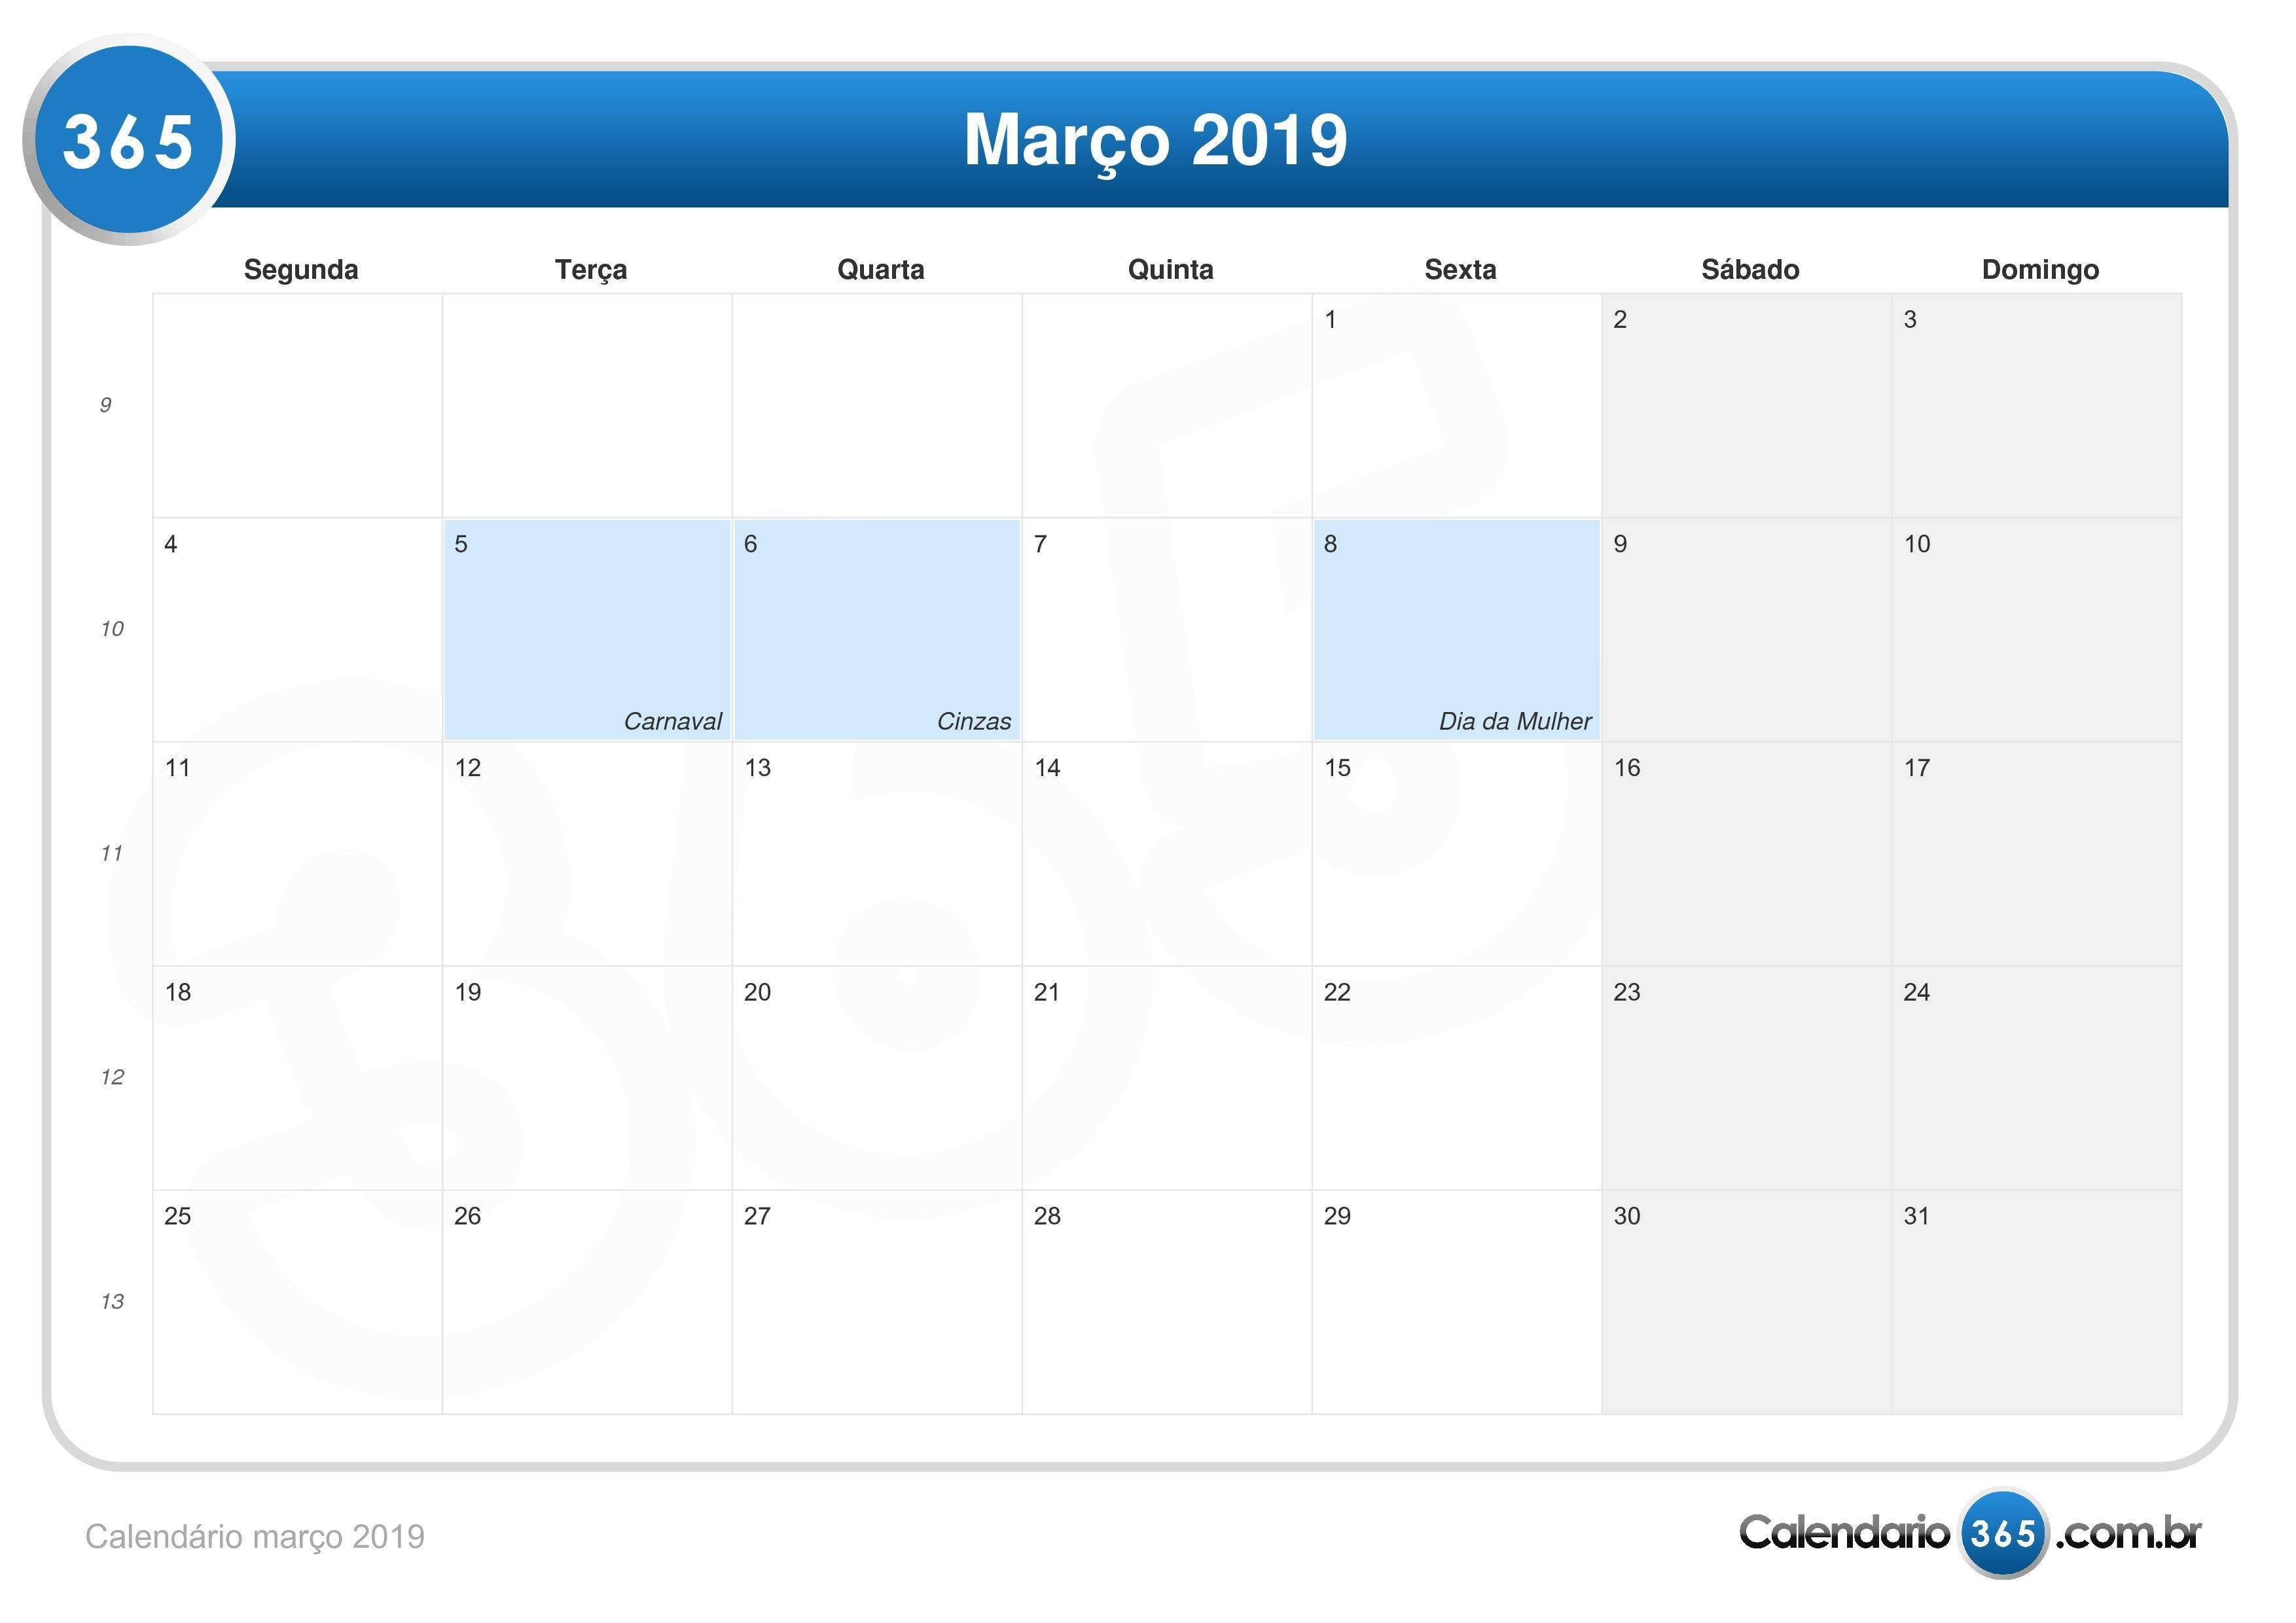 Calendário 2019 Para Imprimir Março E Abril Más Recientemente Liberado Calendário Mar§o 2019 Of Calendário 2019 Para Imprimir Março E Abril Más Arriba-a-fecha Ano 2016 Ano 07 Faculdades Integradas De Patos